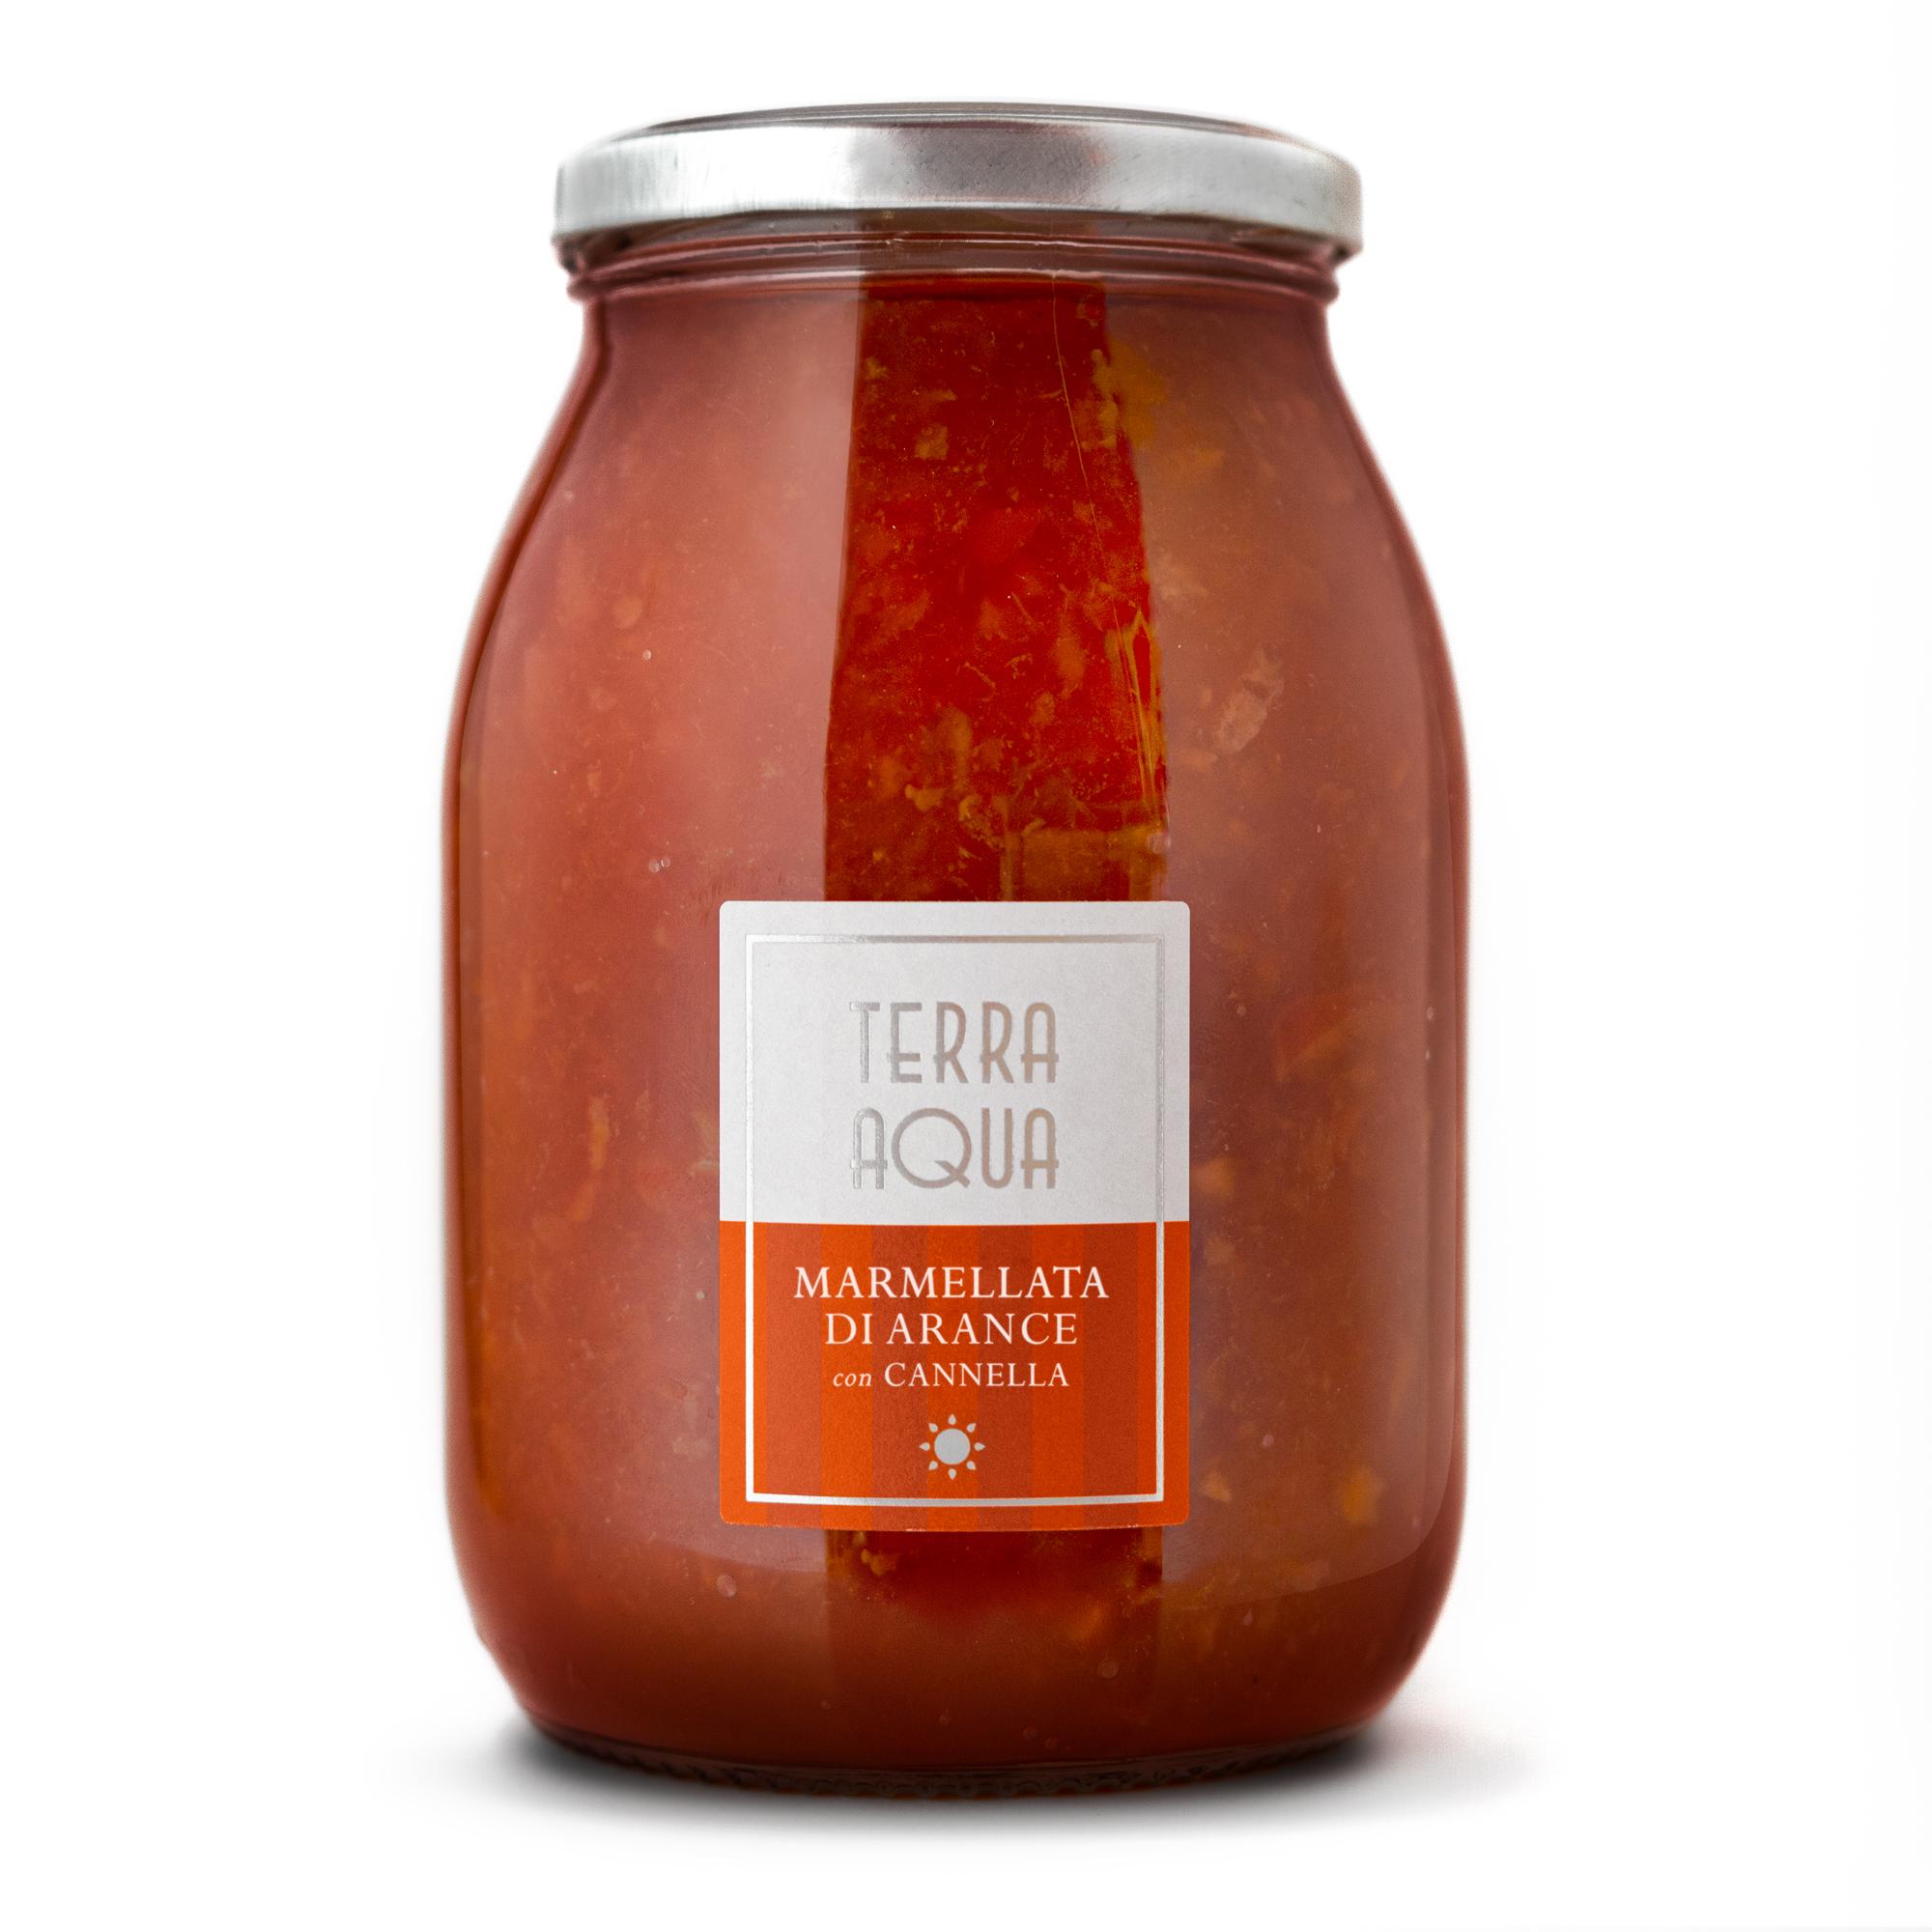 Marmellata di Arance Tarocco con Cannella | Peso netto 1200g |